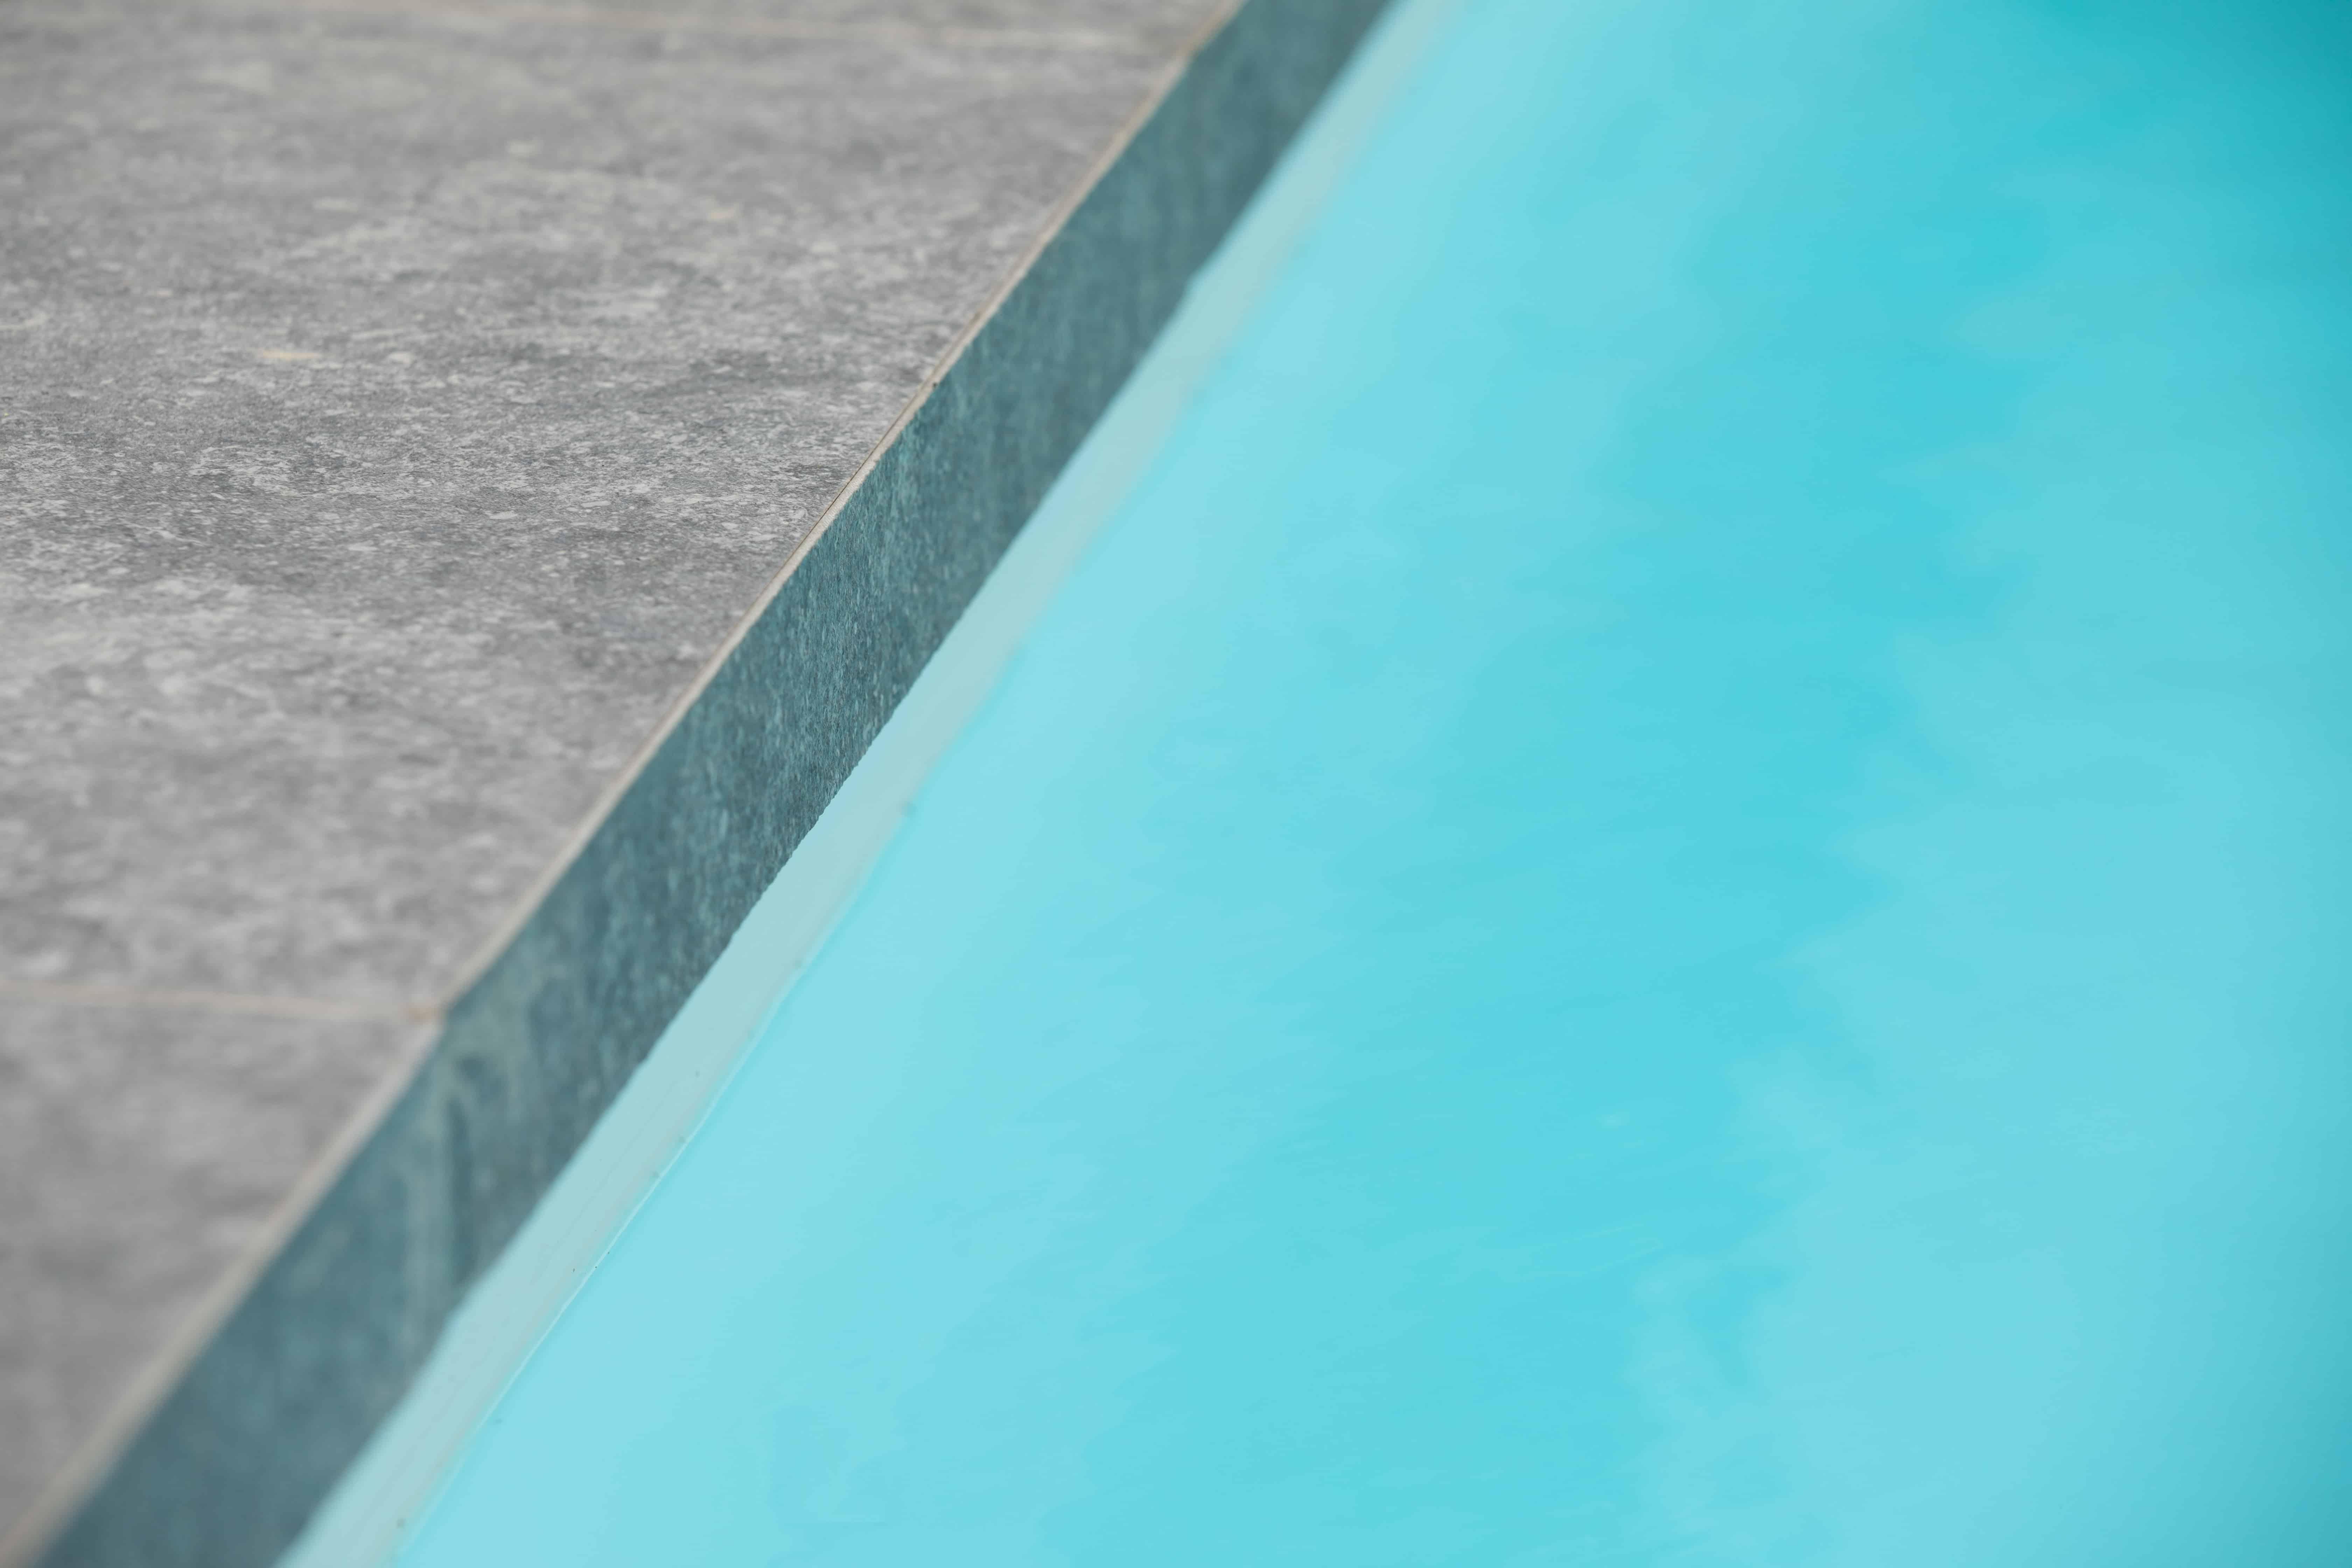 tegels aande rand van het zwembad - Natuursteen voor afwerking van zwembad